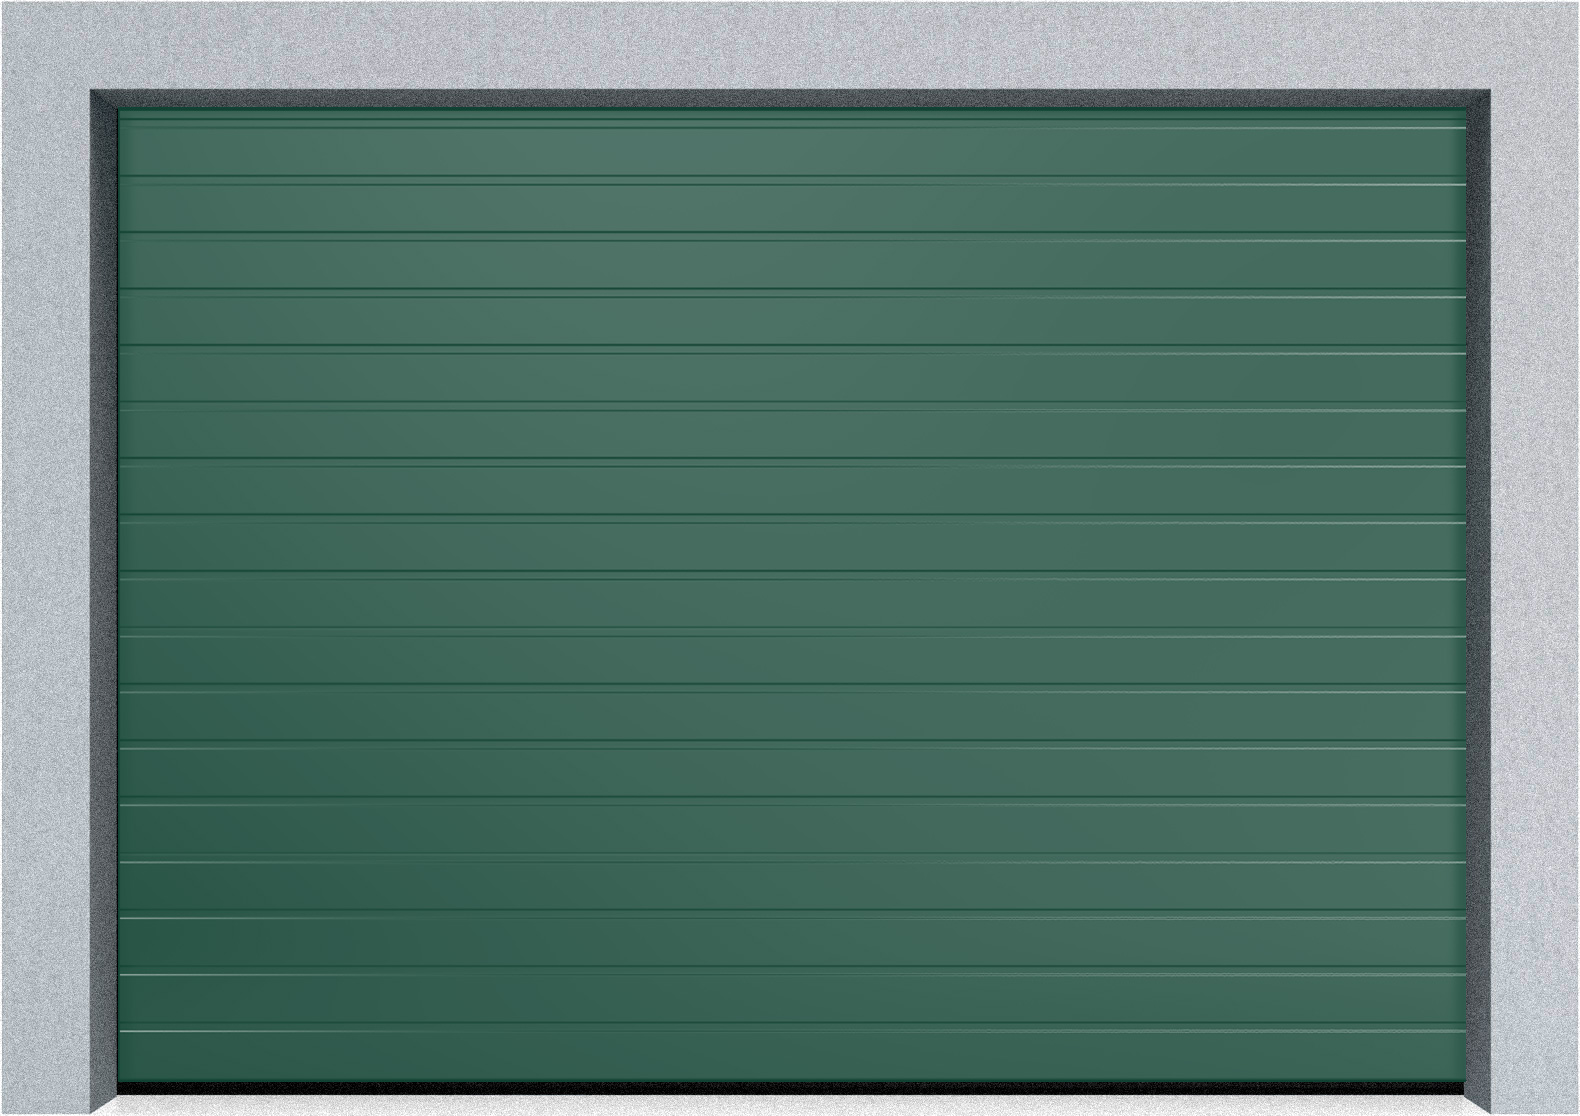 Автоматические секционные промышленные ворота Hormann SPU F42 1500х1875 S-гофр, Микроволна стандартные цвета, фото 3